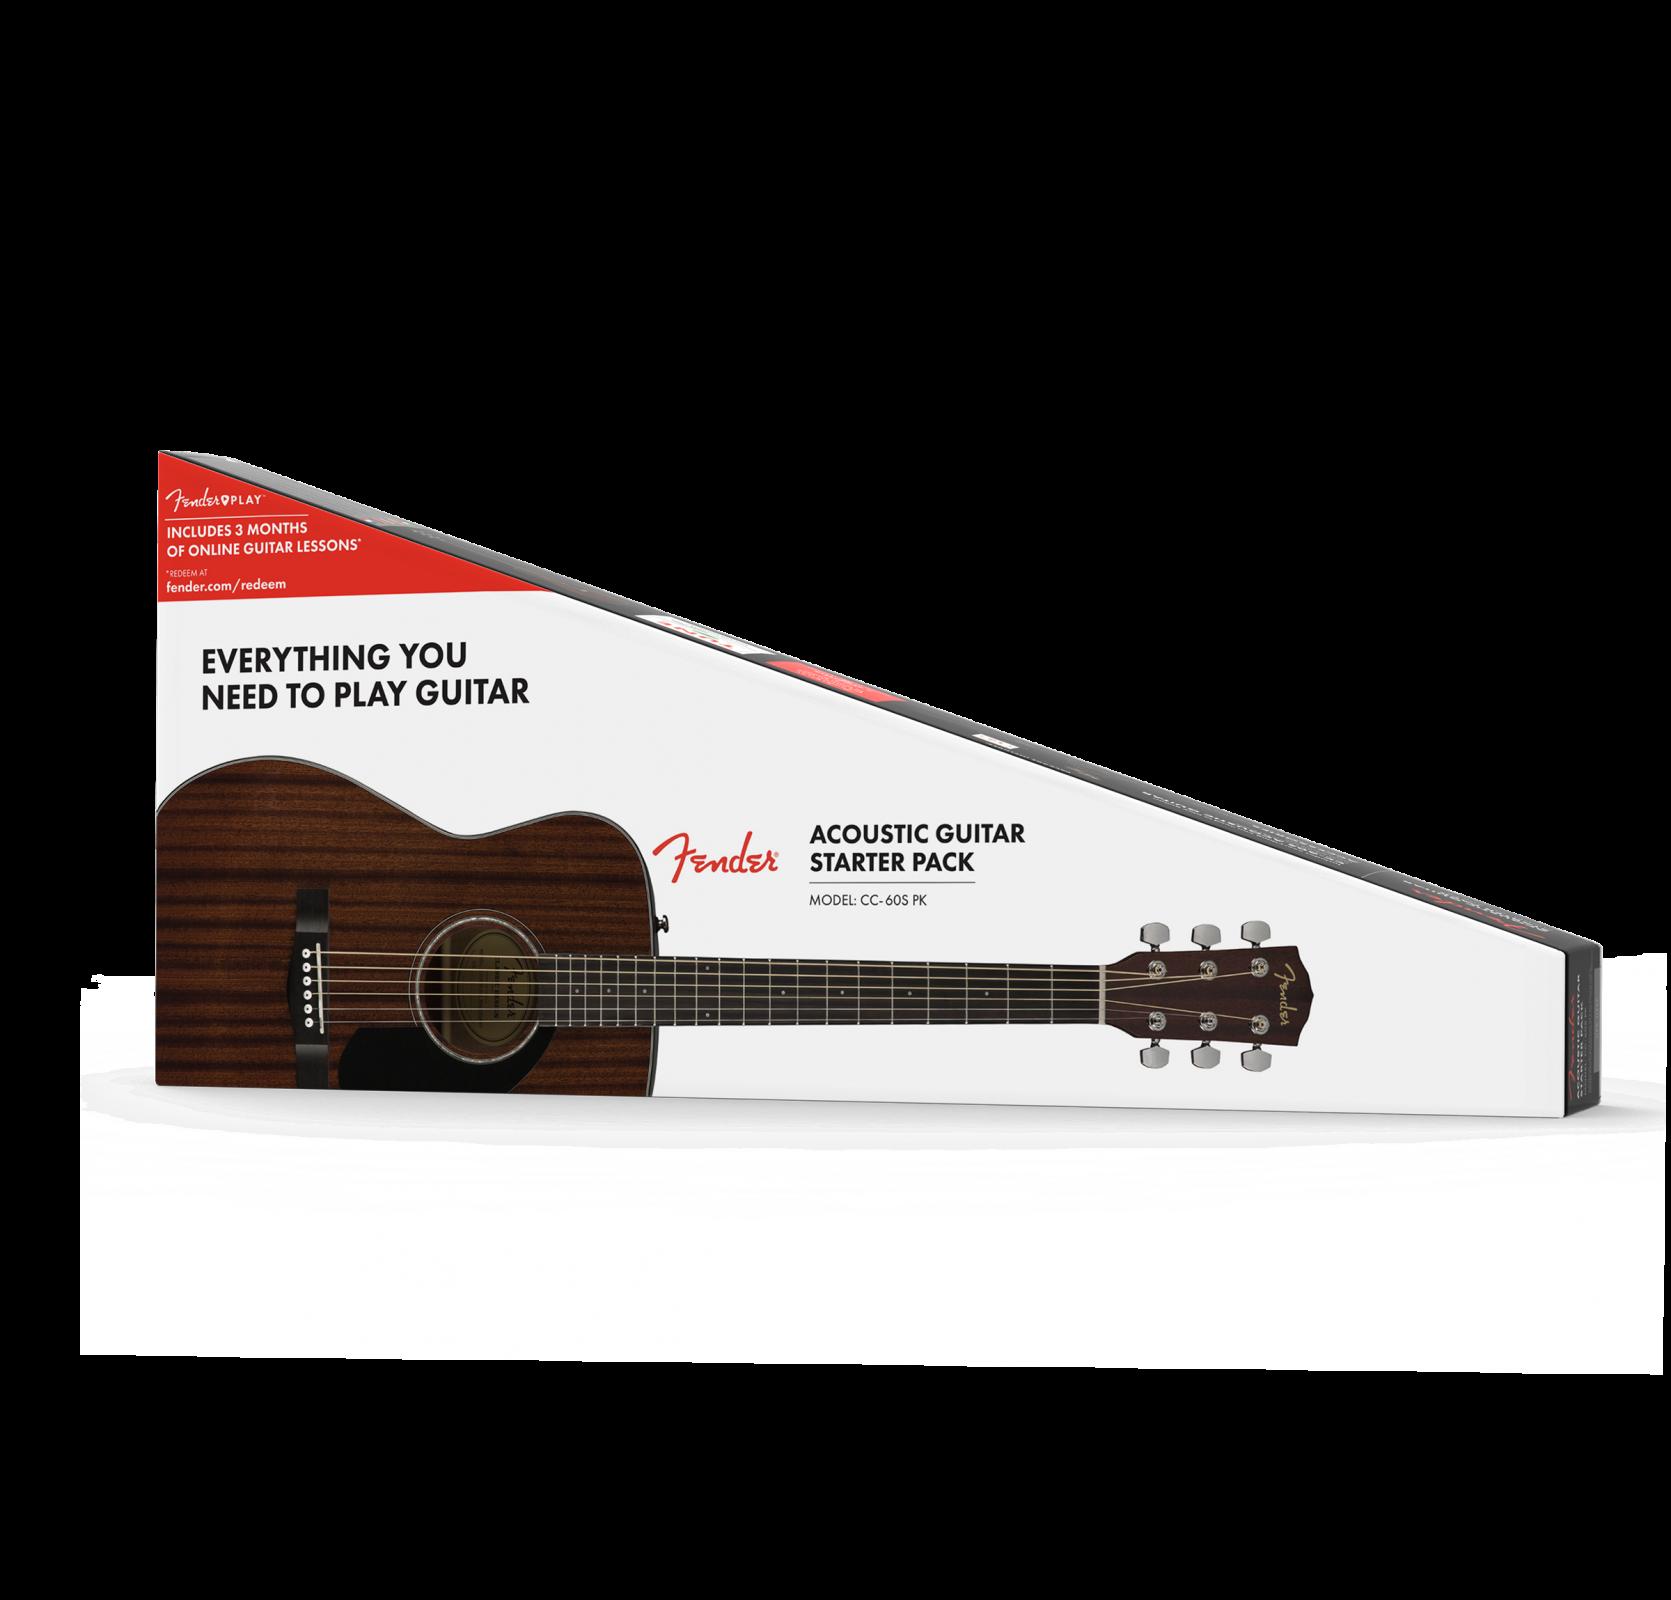 Fender CC-60S Concert Pack v. 2